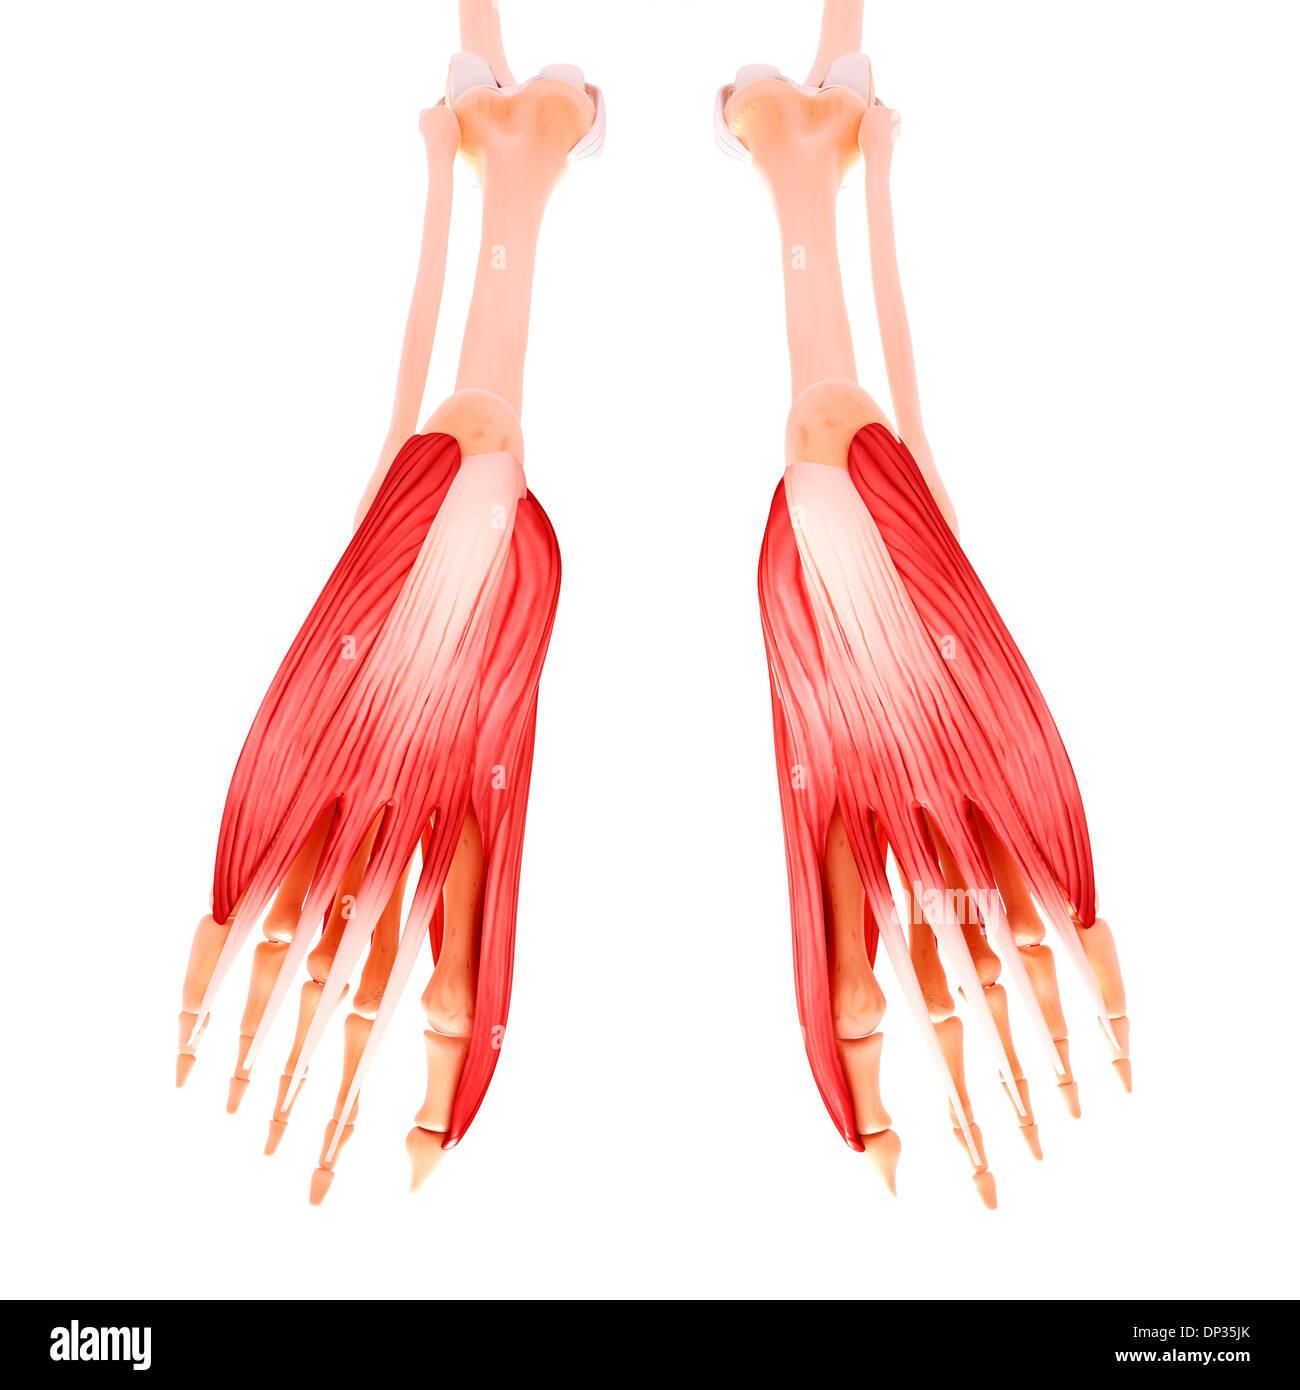 Ungewöhnlich Muskeln Im Fuß Fotos - Menschliche Anatomie Bilder ...